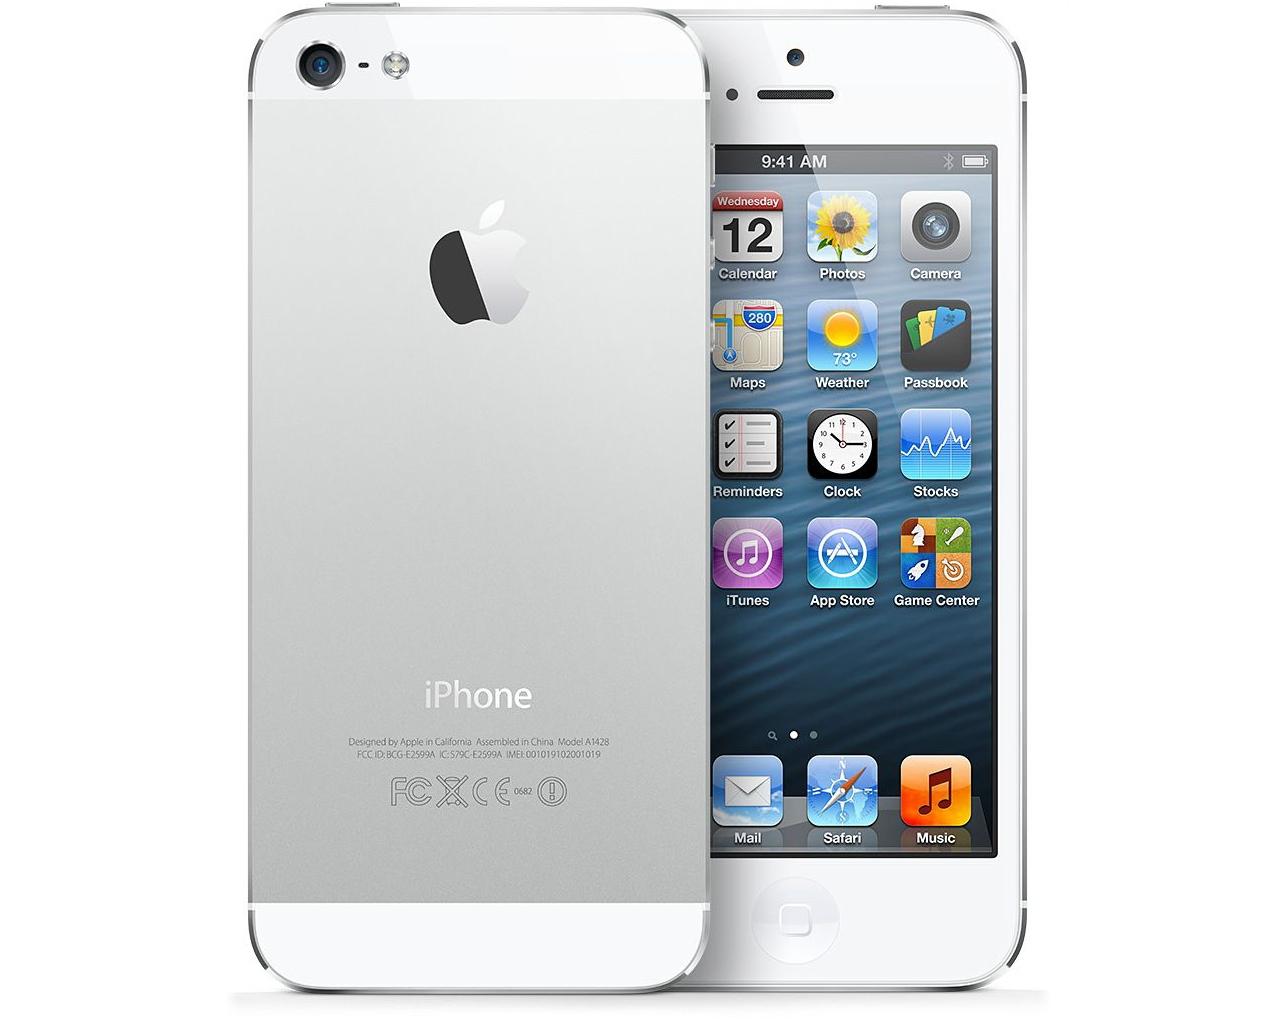 comprar iphone 4 nuevo barato